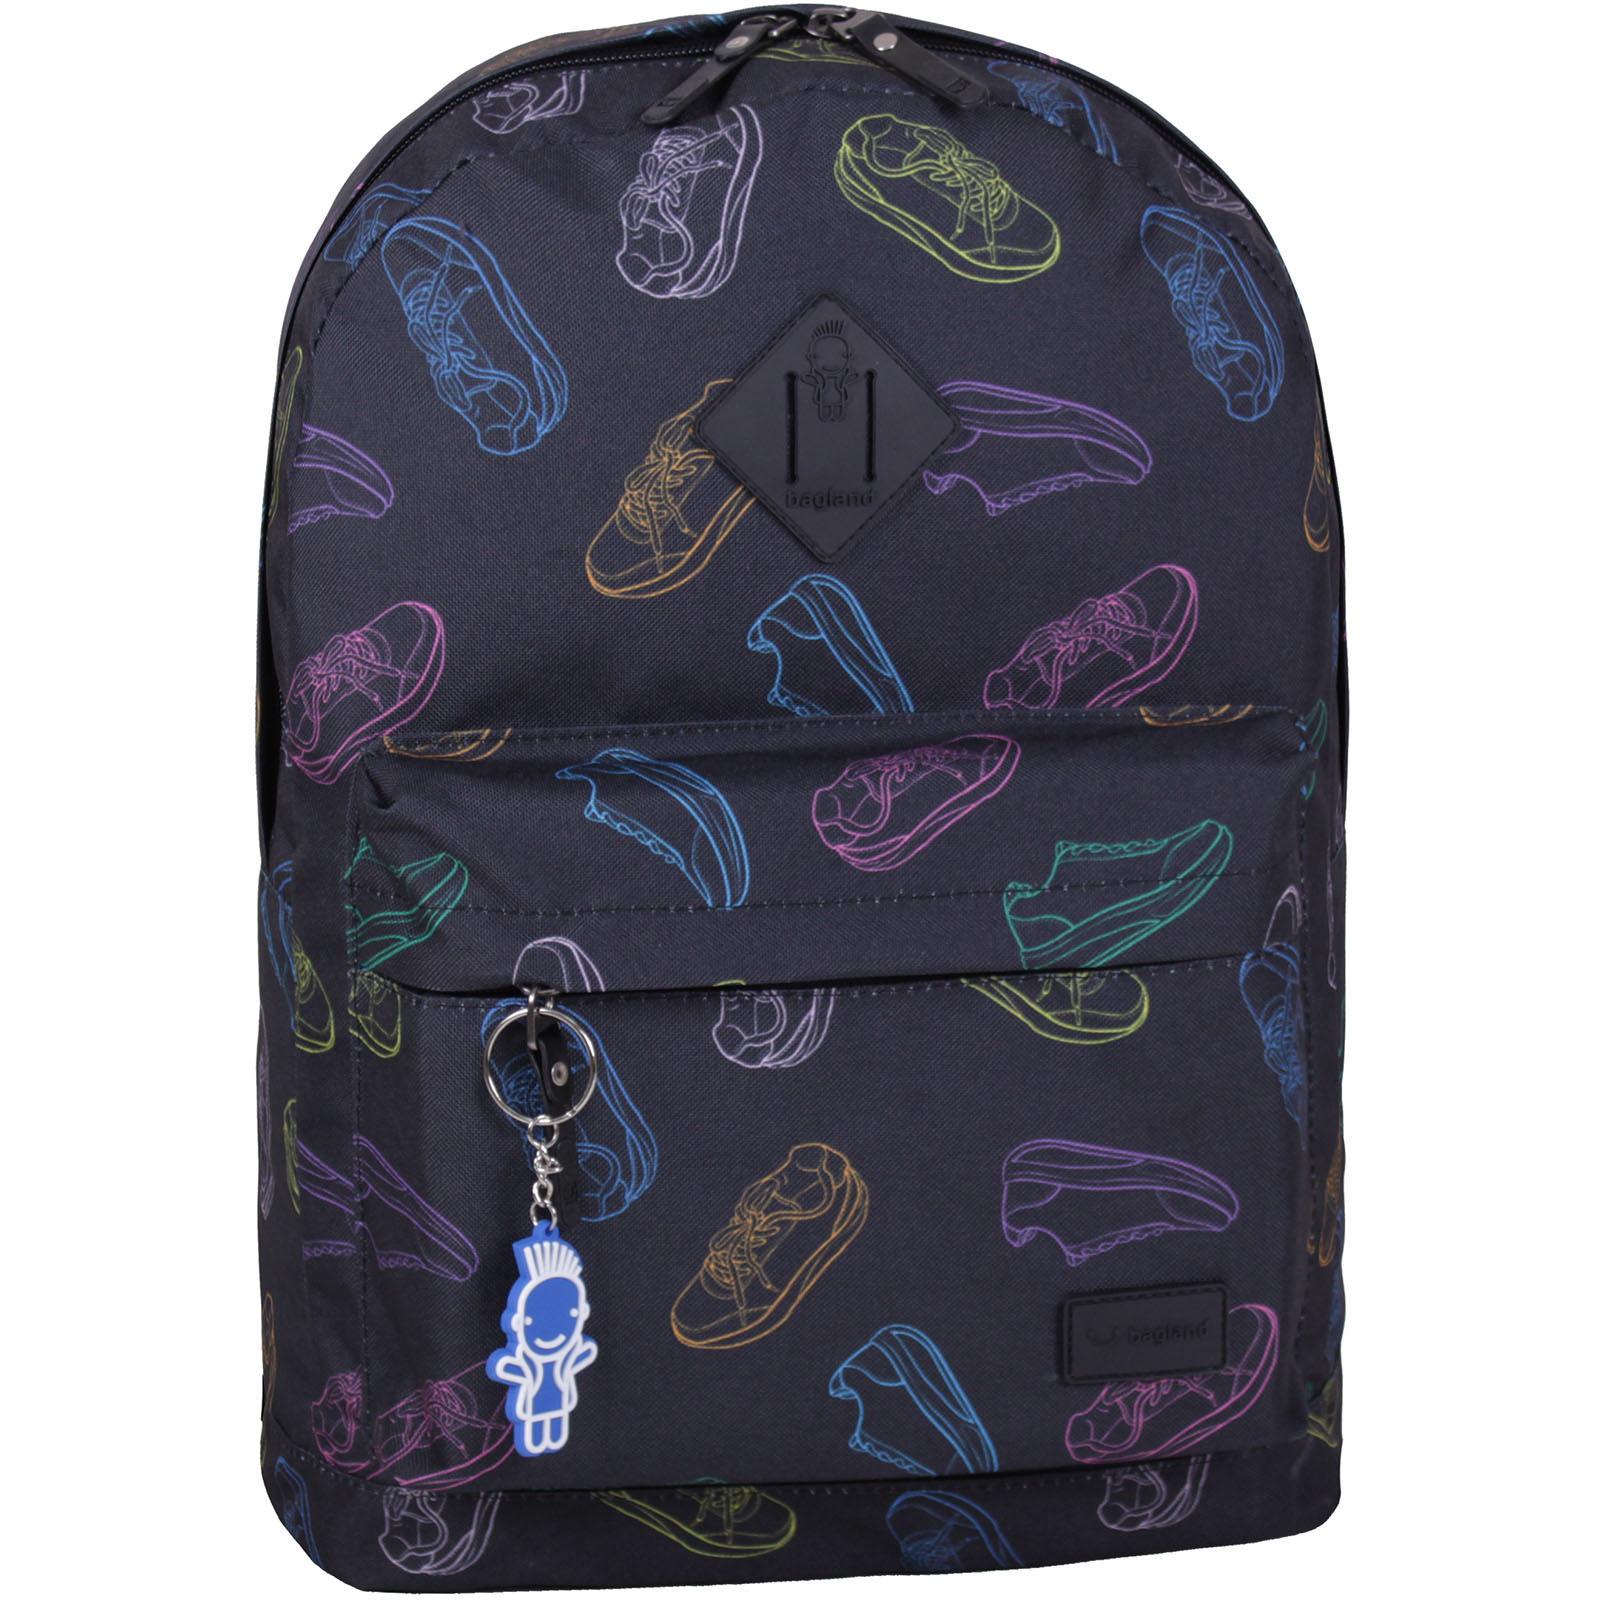 Городские рюкзаки Рюкзак Bagland Молодежный (дизайн) 17 л. сублімація 172 (00533664) IMG_2388.JPG